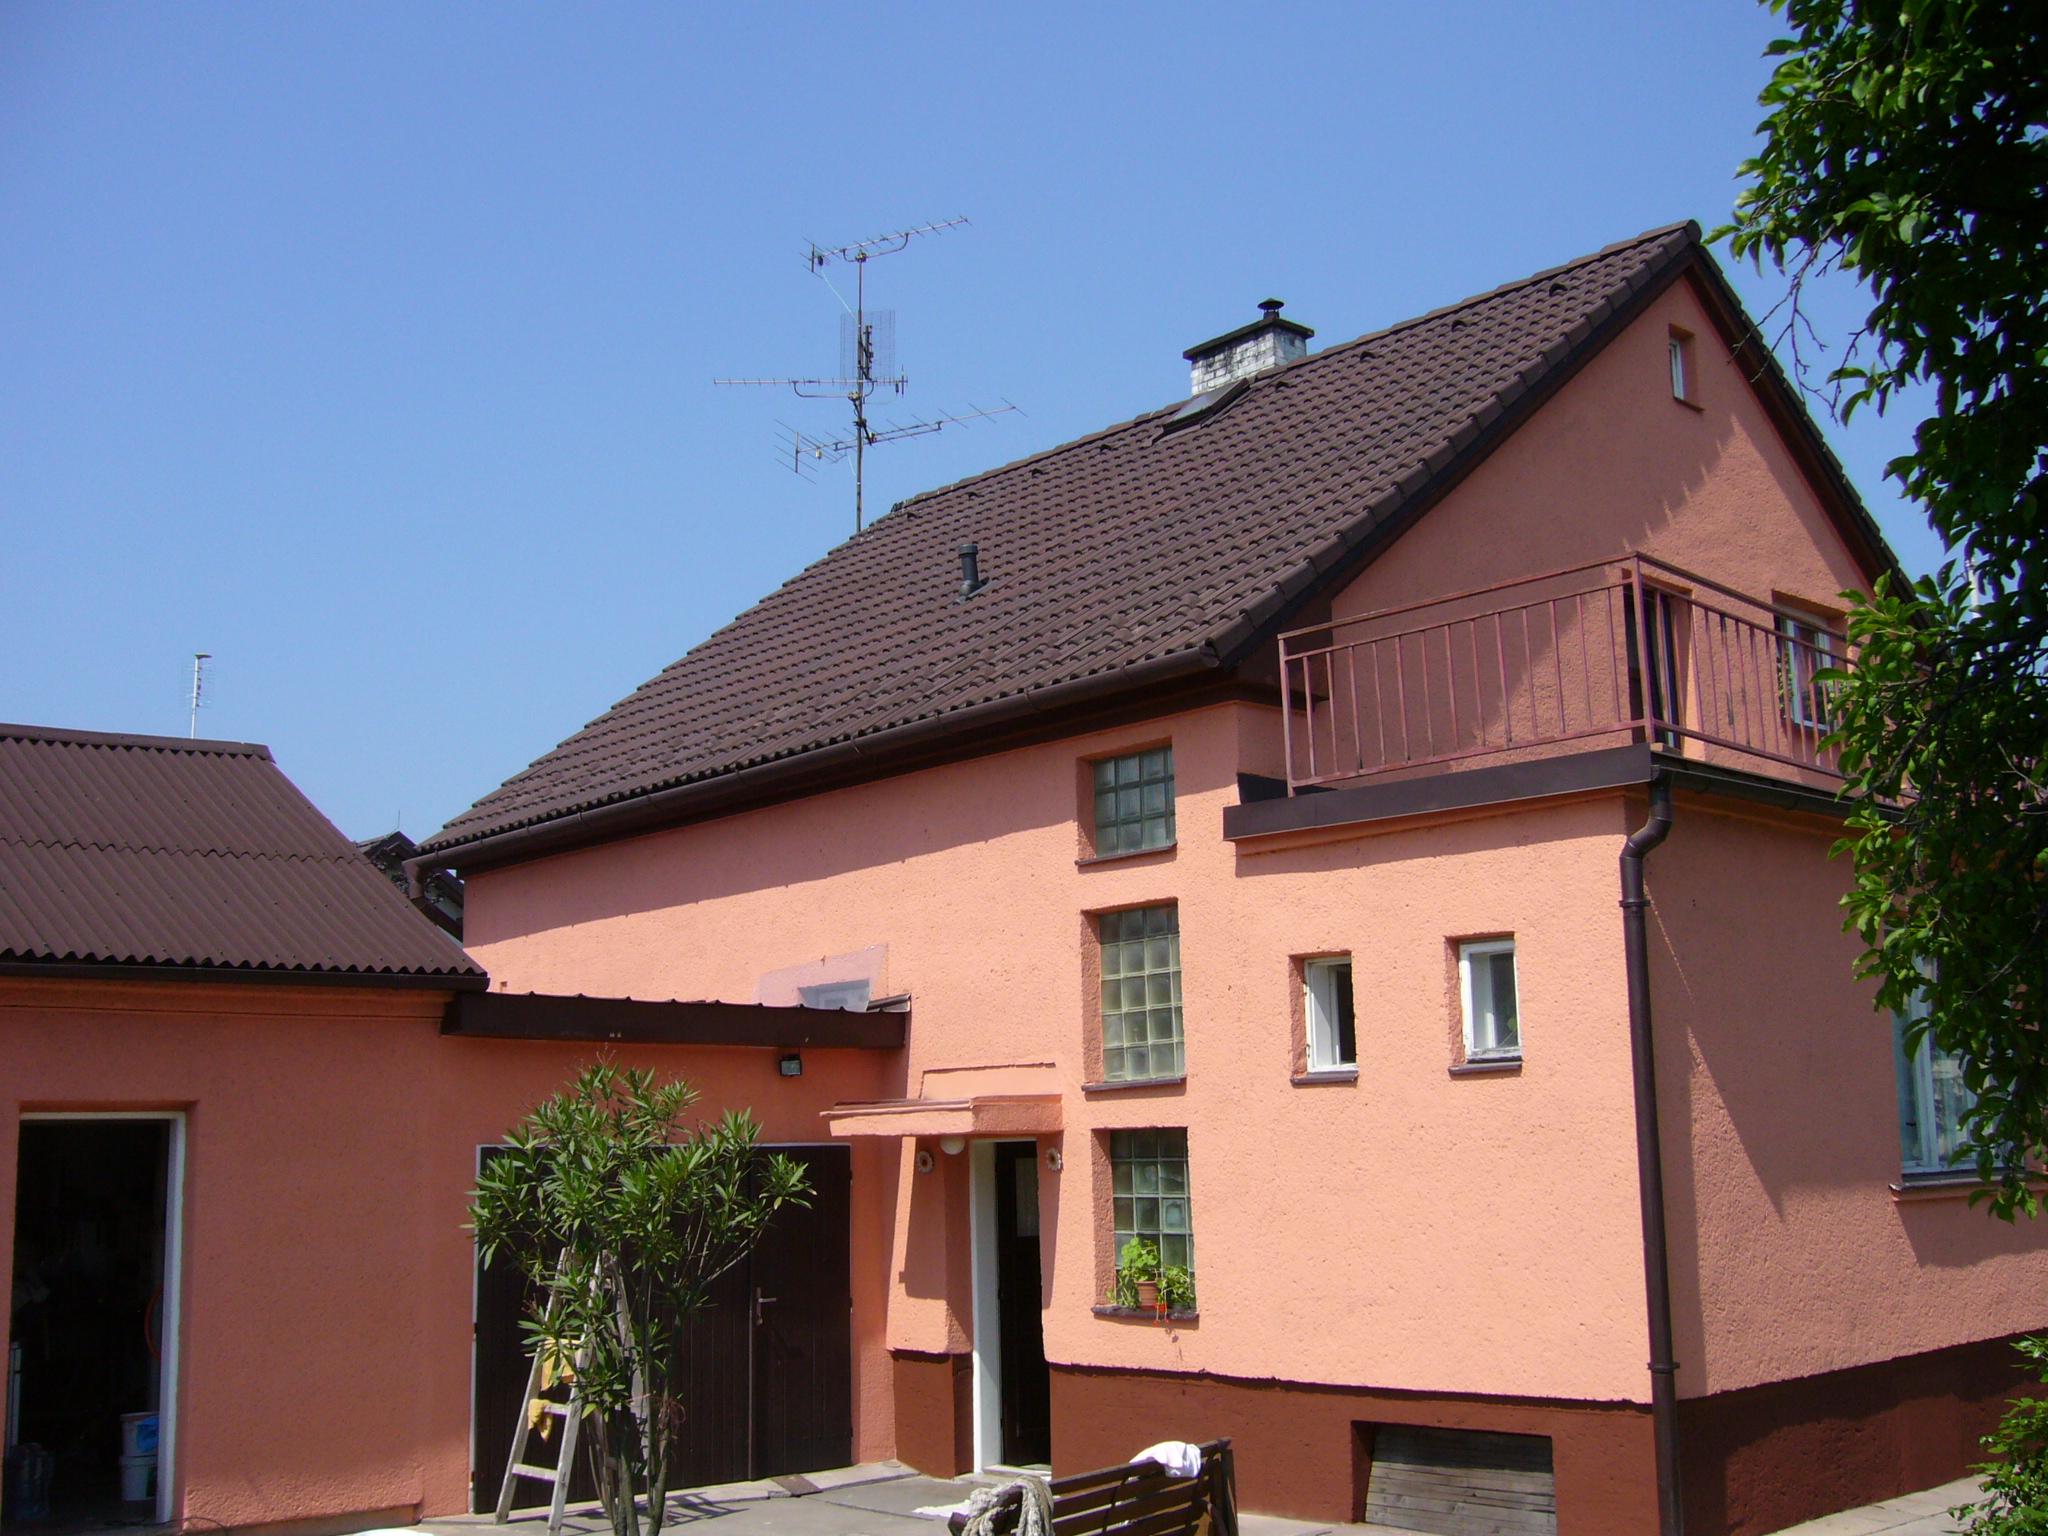 002_fasada